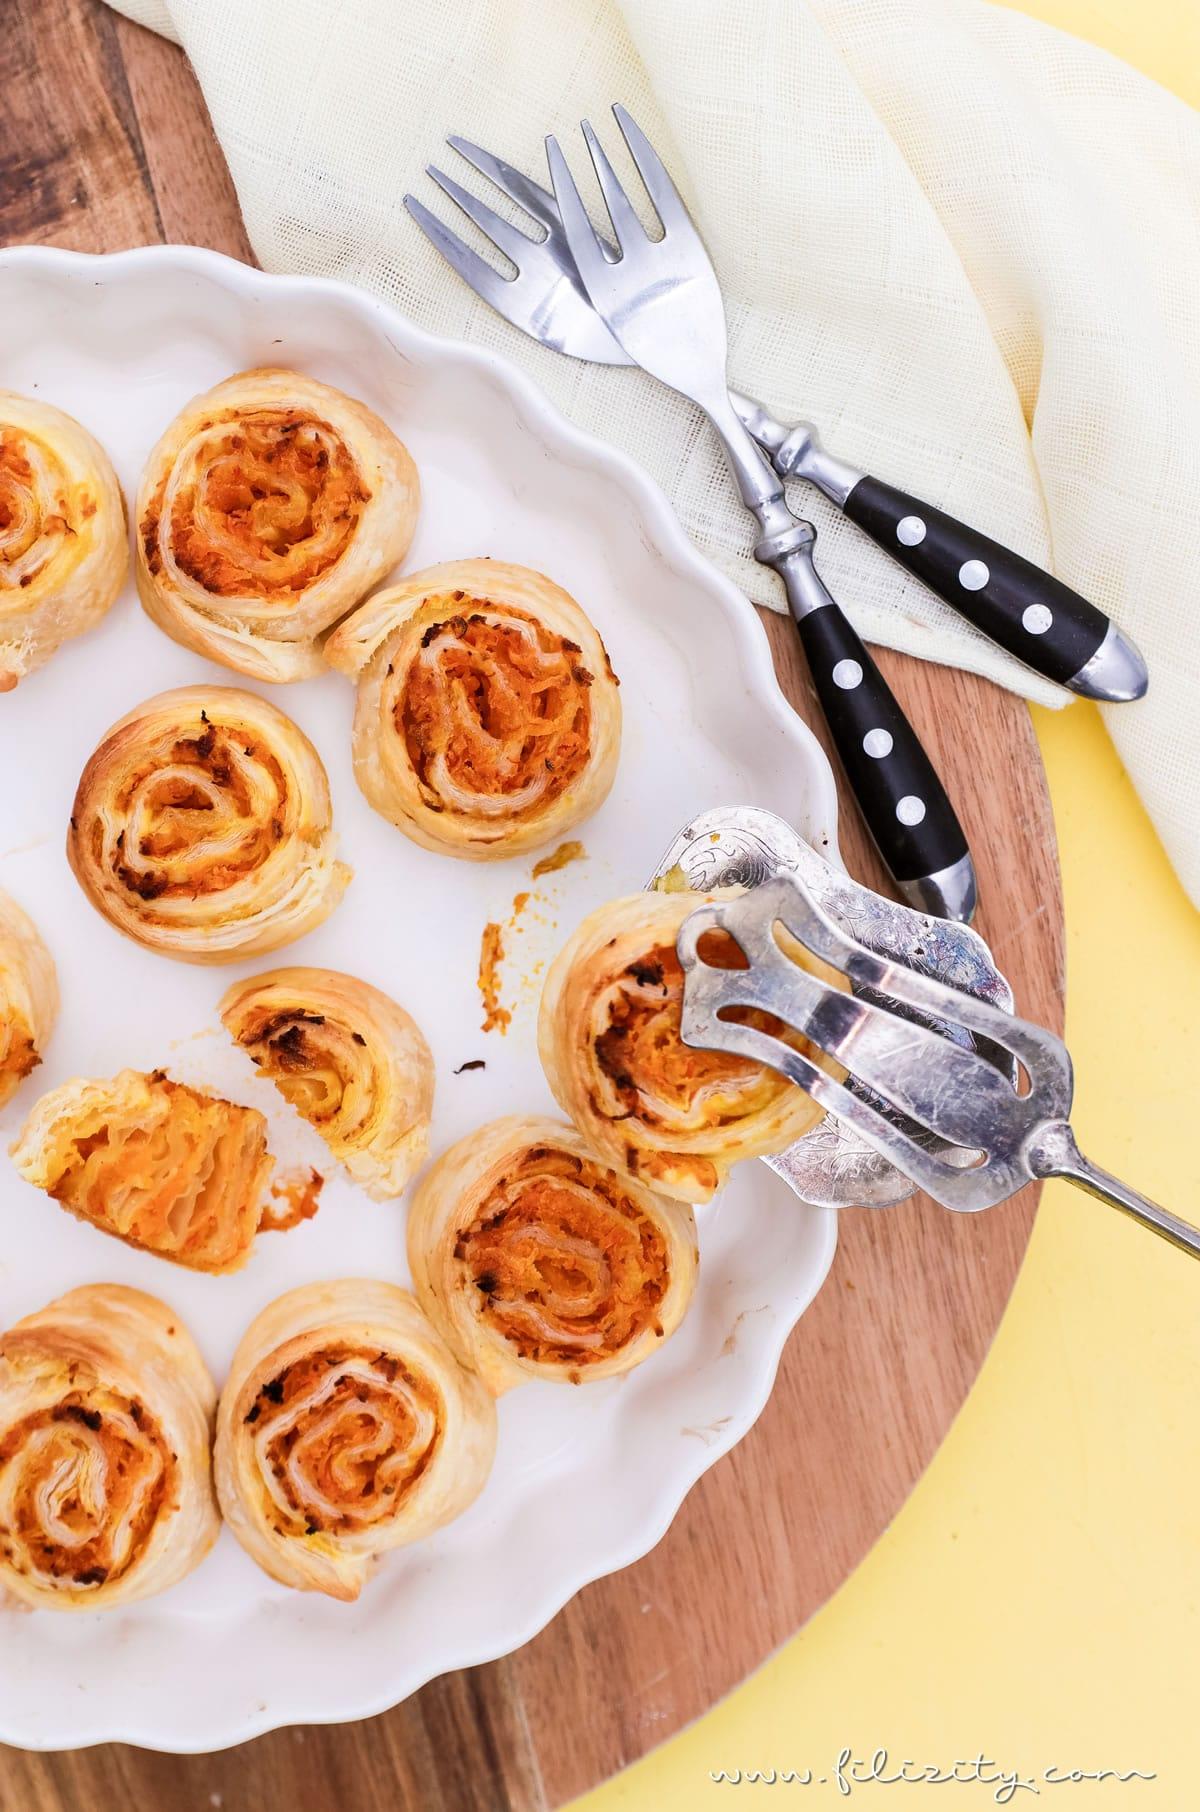 Rezept für Schnelle Kürbis-Zimtschnecken aus Blätterteig | Der Herbst auf der Zunge! | Filizity.com | Food-Blog aus dem Rheinland #kürbis #rezept #herbst #zimtschnecken